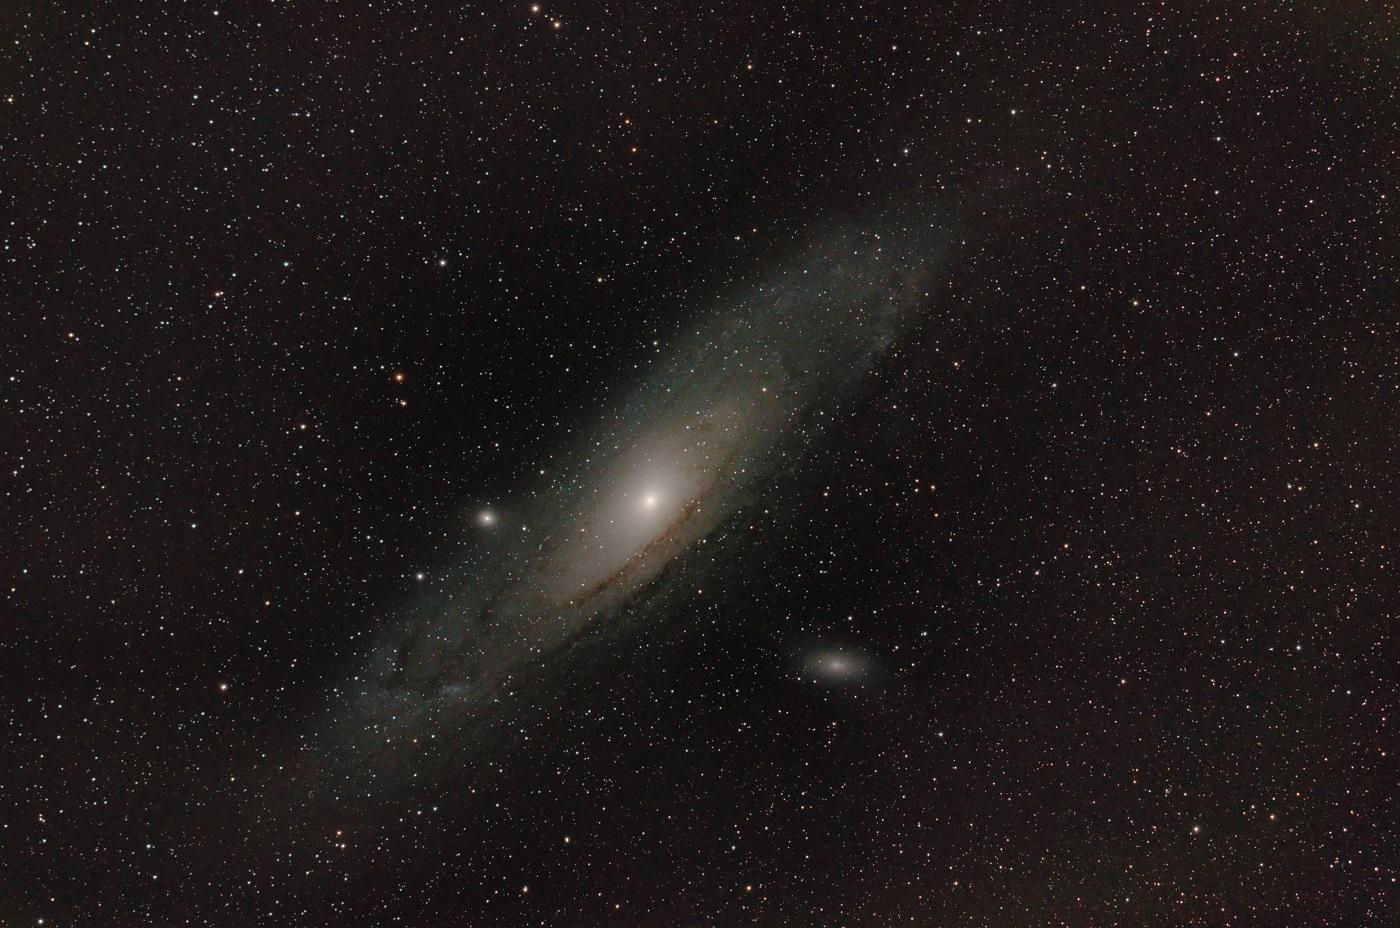 M31-APO-Red-a_4-kl.jpg